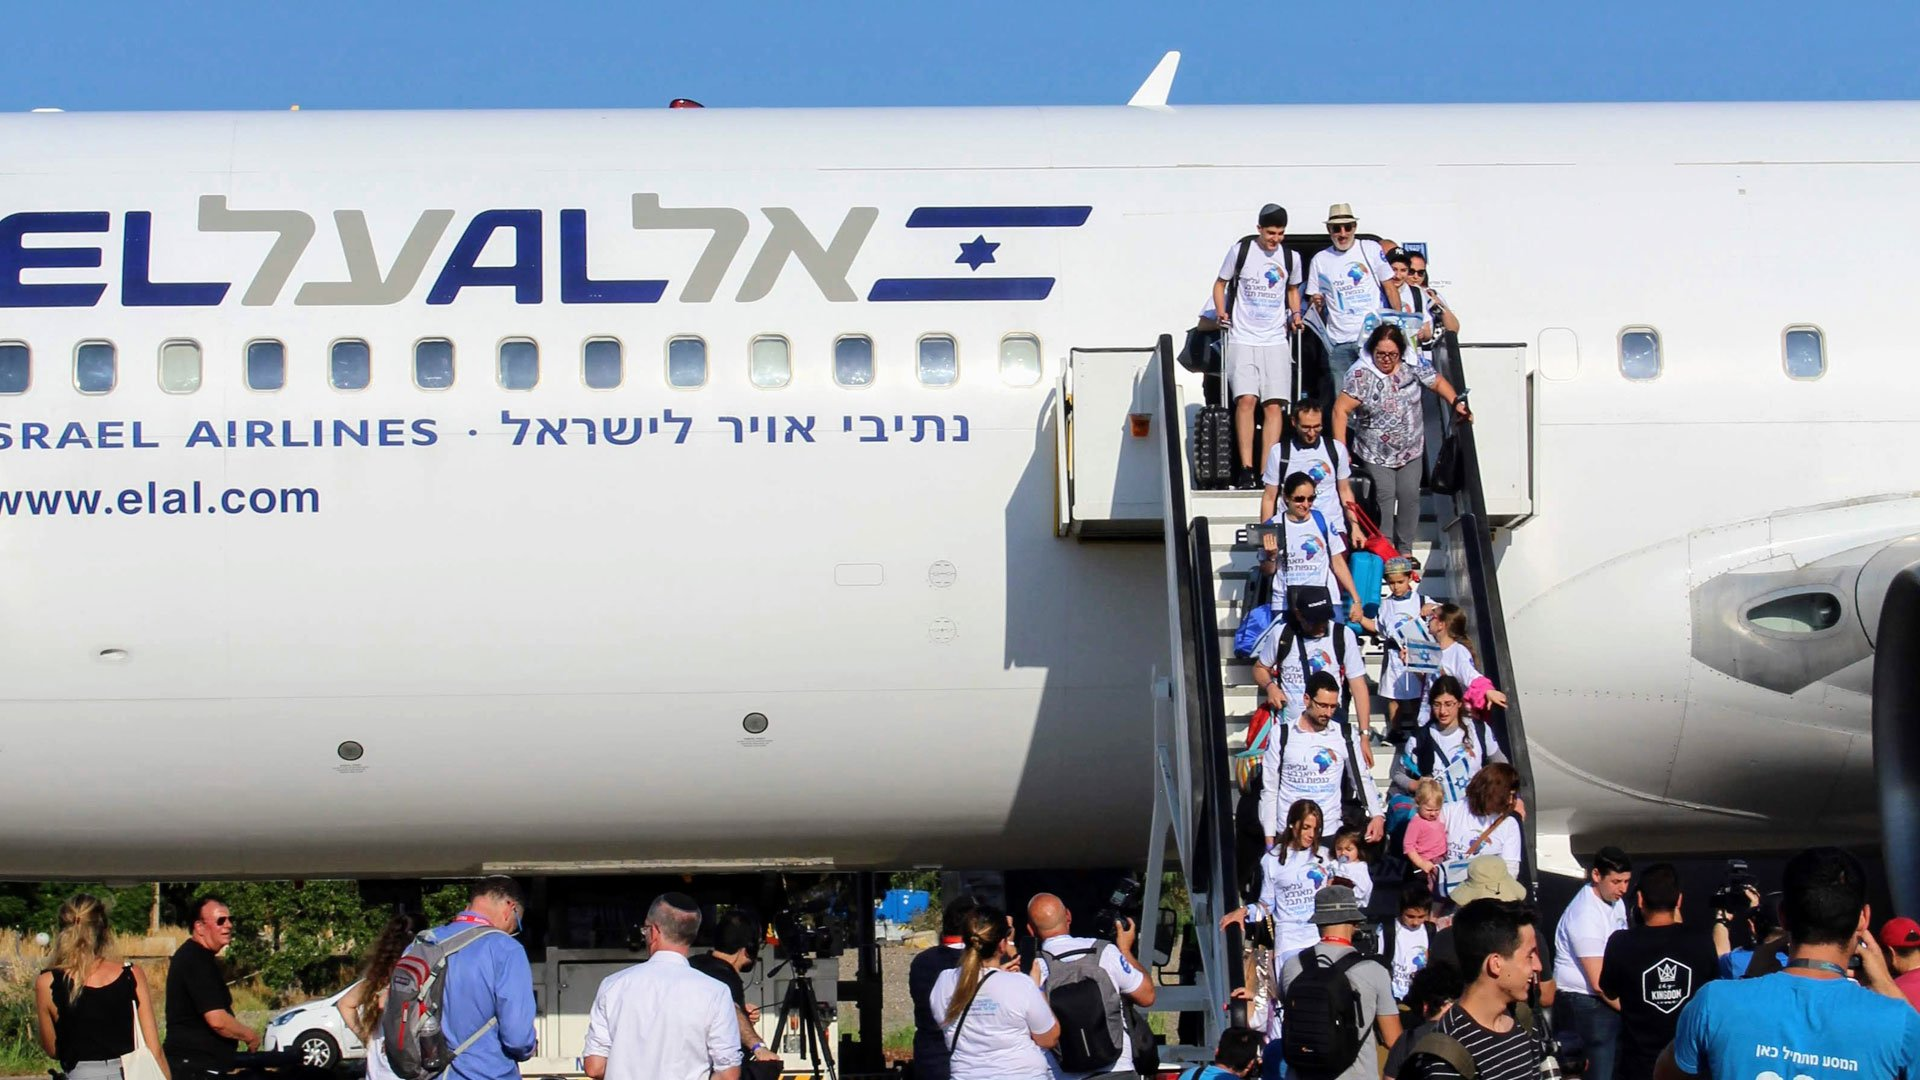 Jews Making Aliyah to Israel